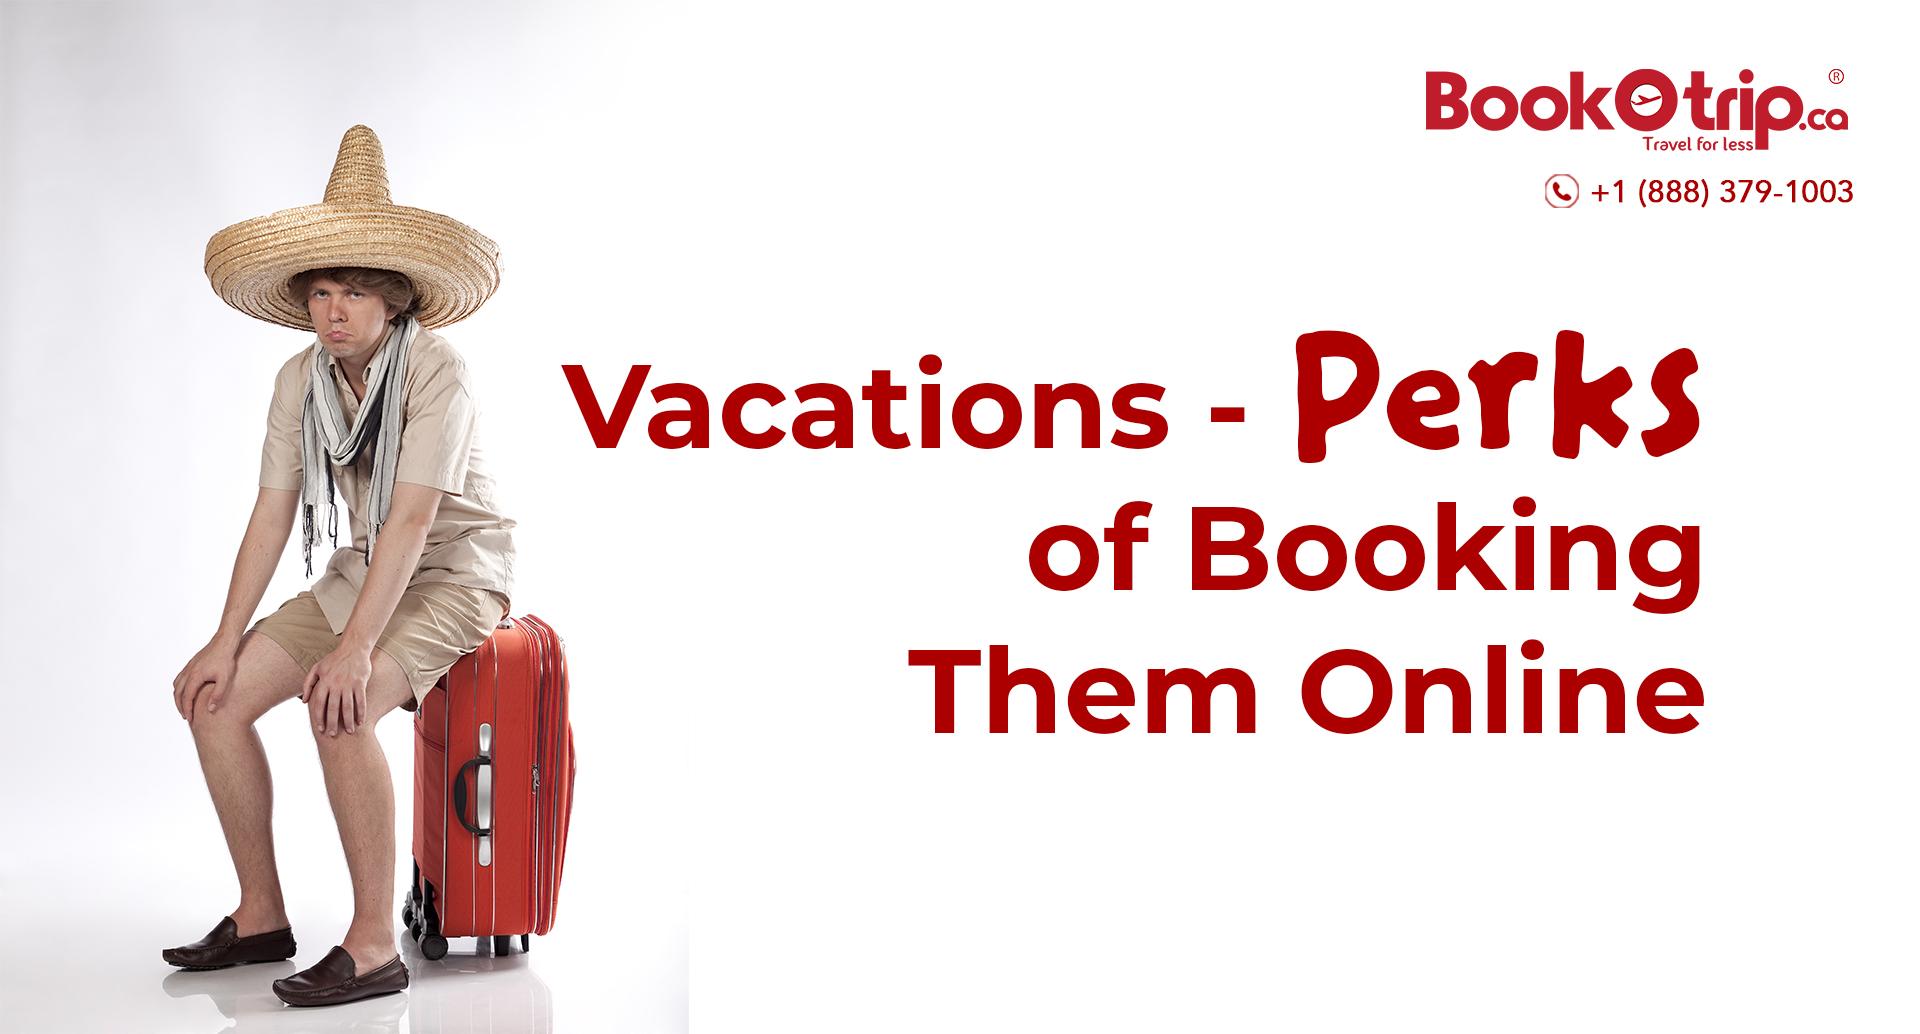 Online Flight Booking- BookOtrip.ca